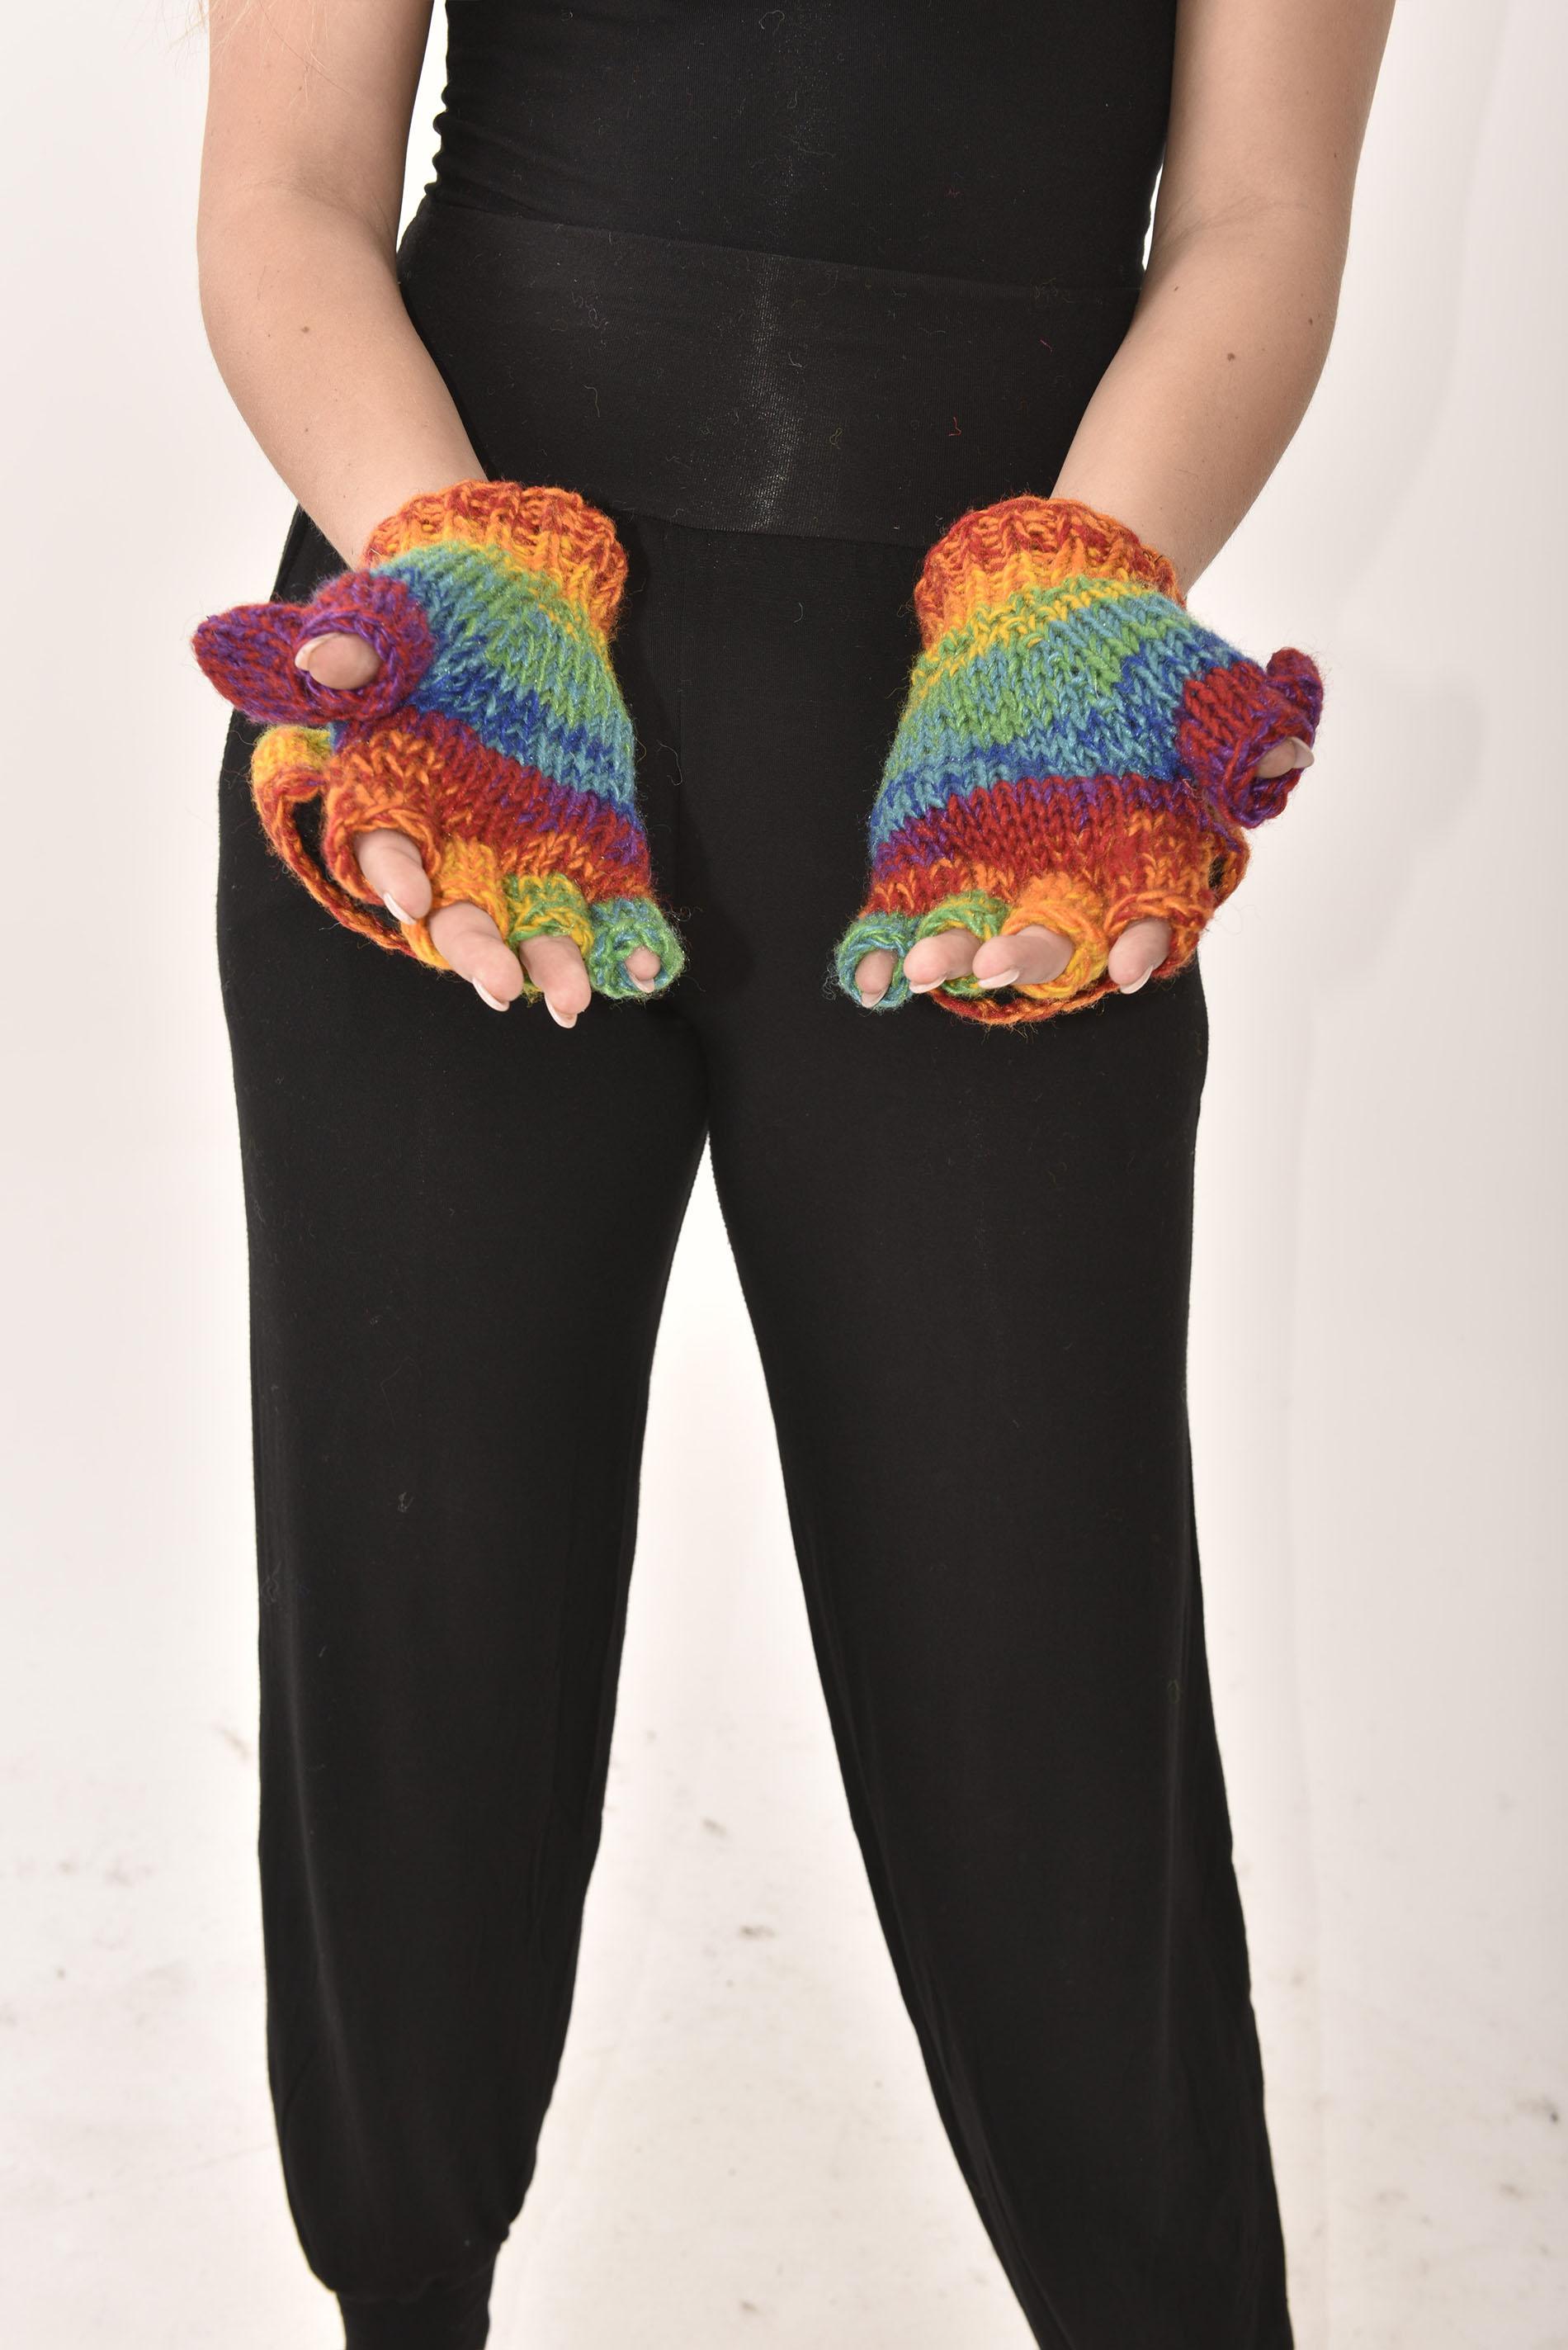 Wool Rainbow Glittens